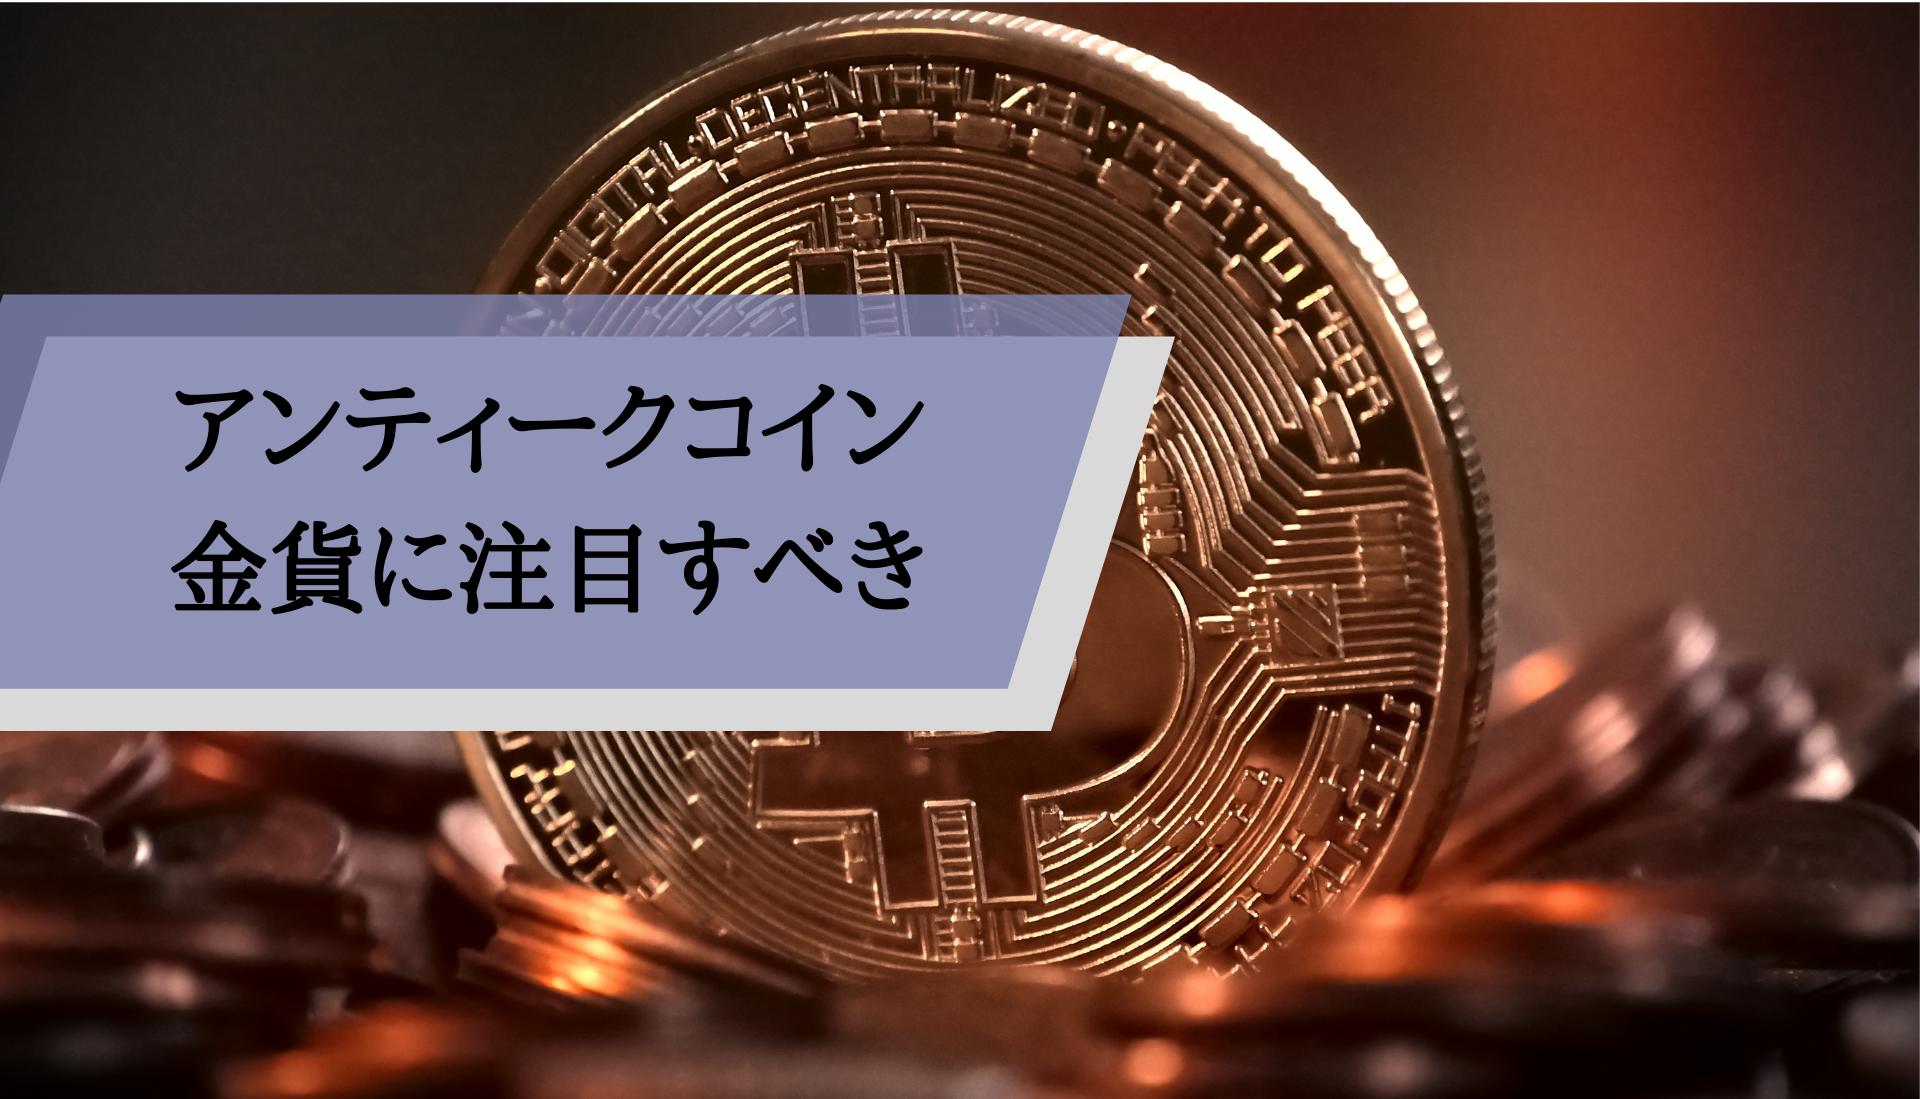 アンティークコイン金貨_注目すべき